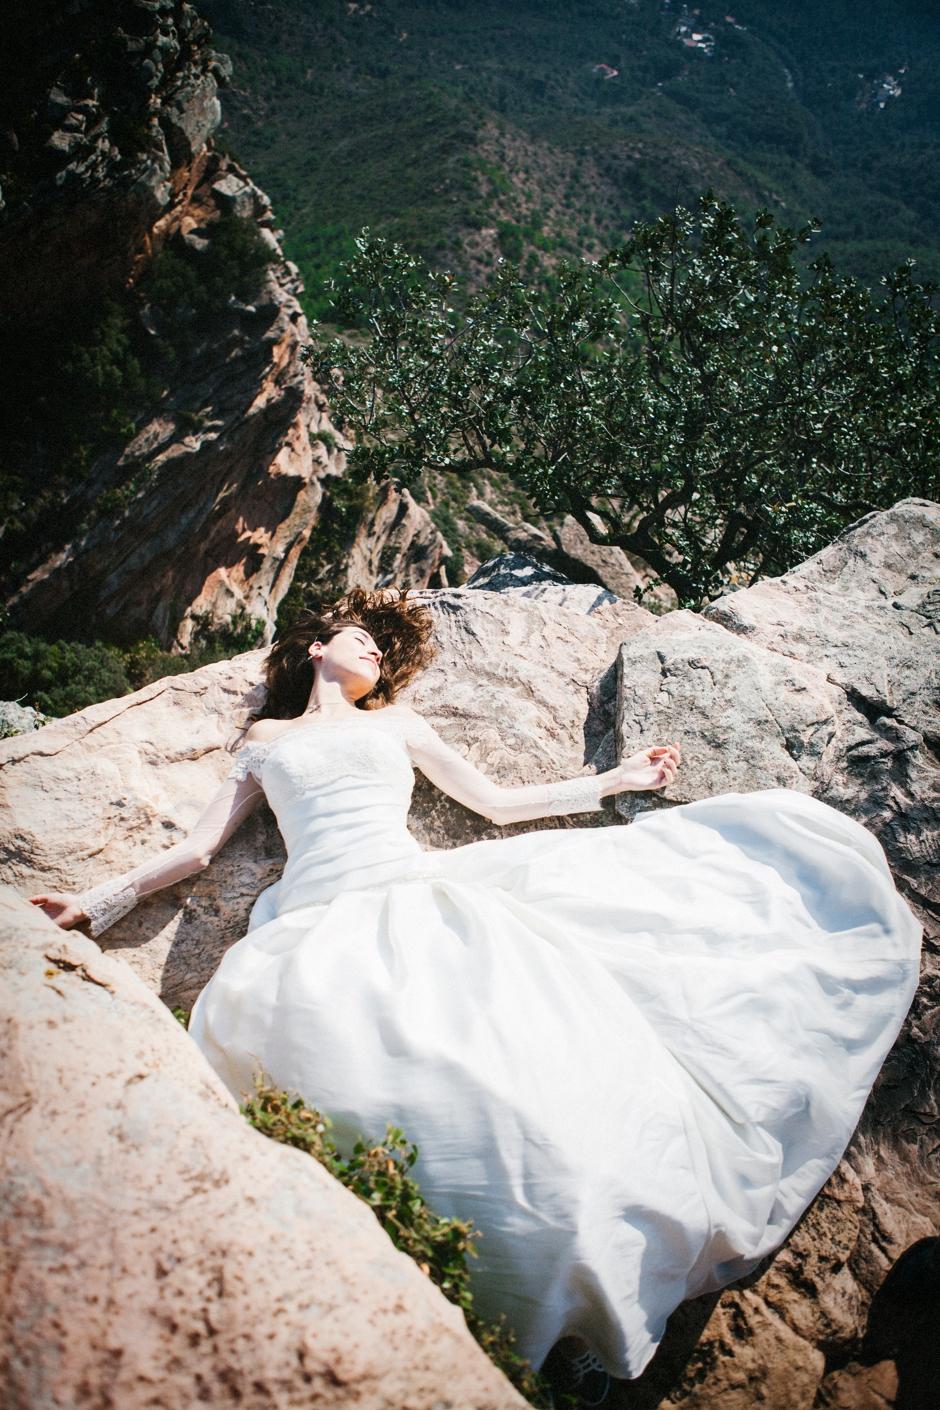 bodafilms-fotografo-de-boda-en-valencia-sevilla-mallorca-alicante-jose-caballero-preboda3.jpg